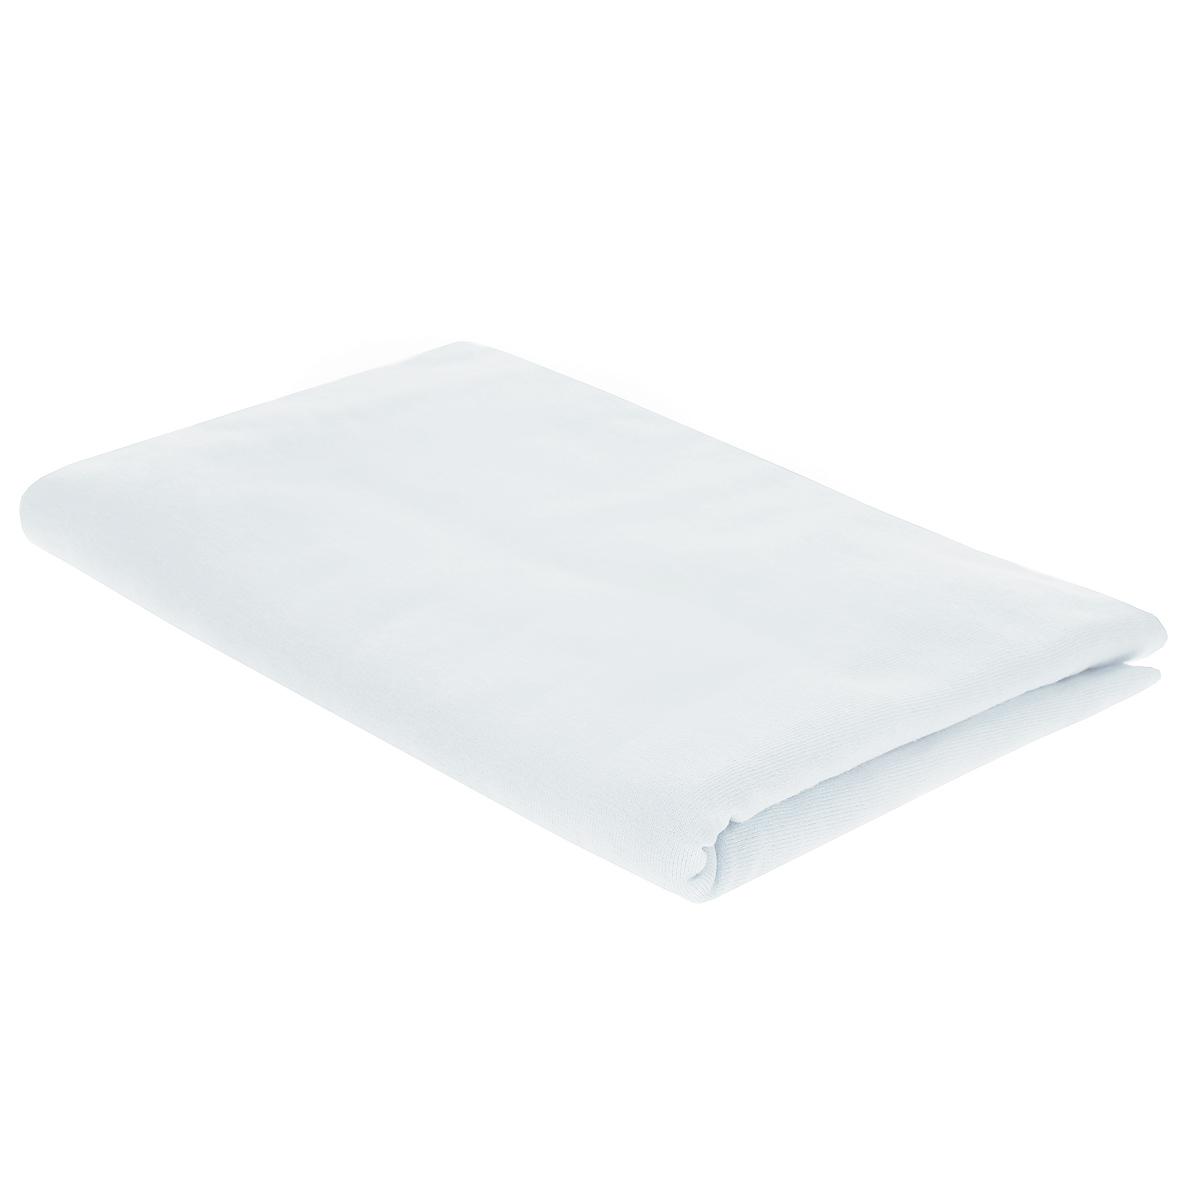 Пеленка трикотажная Трон-Плюс, цвет: белый, 120 см х 90 см5401 бДетская пеленка Трон-Плюс подходит для пеленания ребенка с самого рождения. Она невероятно мягкая и нежная на ощупь. Пеленка выполнена из кулирки - тонкого трикотажного материала из хлопка гладкого покроя. Такая ткань прекрасно дышит, она гипоаллергенна, почти не мнется и не теряет формы после стирки. Мягкая ткань укутывает малыша с необычайной нежностью. Пеленку также можно использовать как легкое одеяло в жаркую погоду, простынку, полотенце после купания, накидку для кормления грудью или солнцезащитный козырек. Ее размер подходит для пеленания даже крупного малыша. Характеристики:Размер пеленки: 120 см x 90 см.